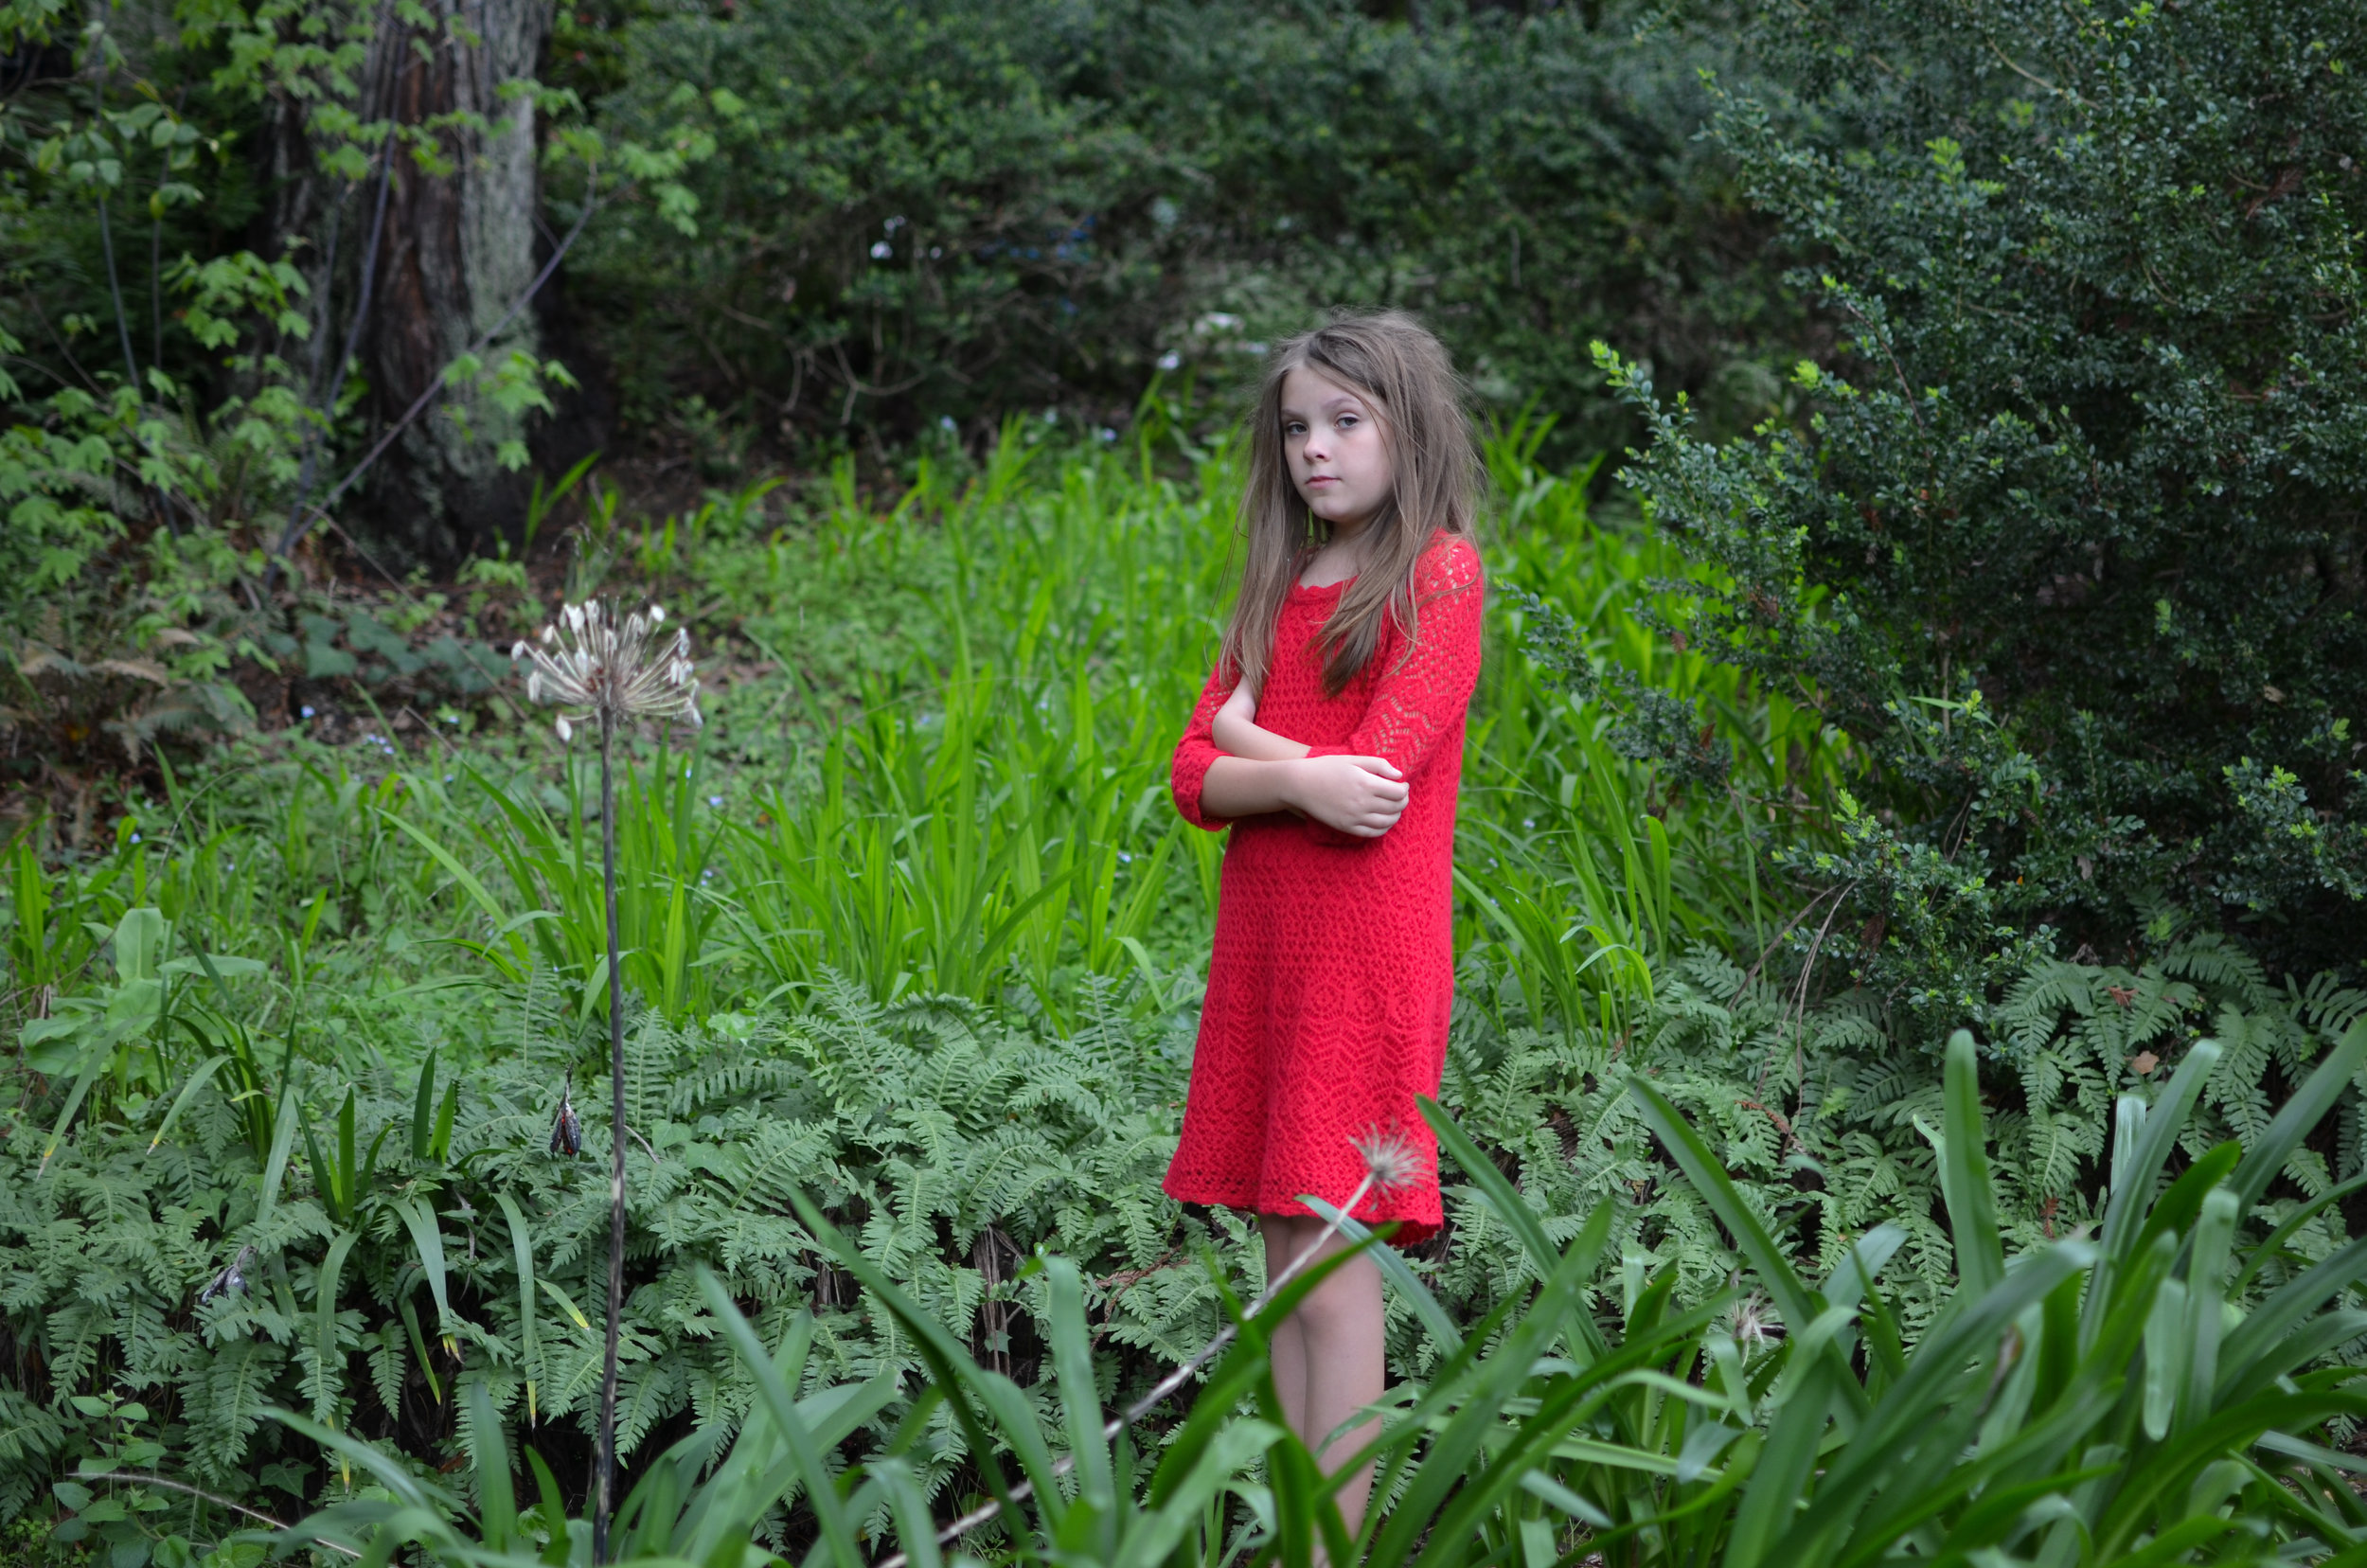 19-Polly-garden-3-6360.jpg